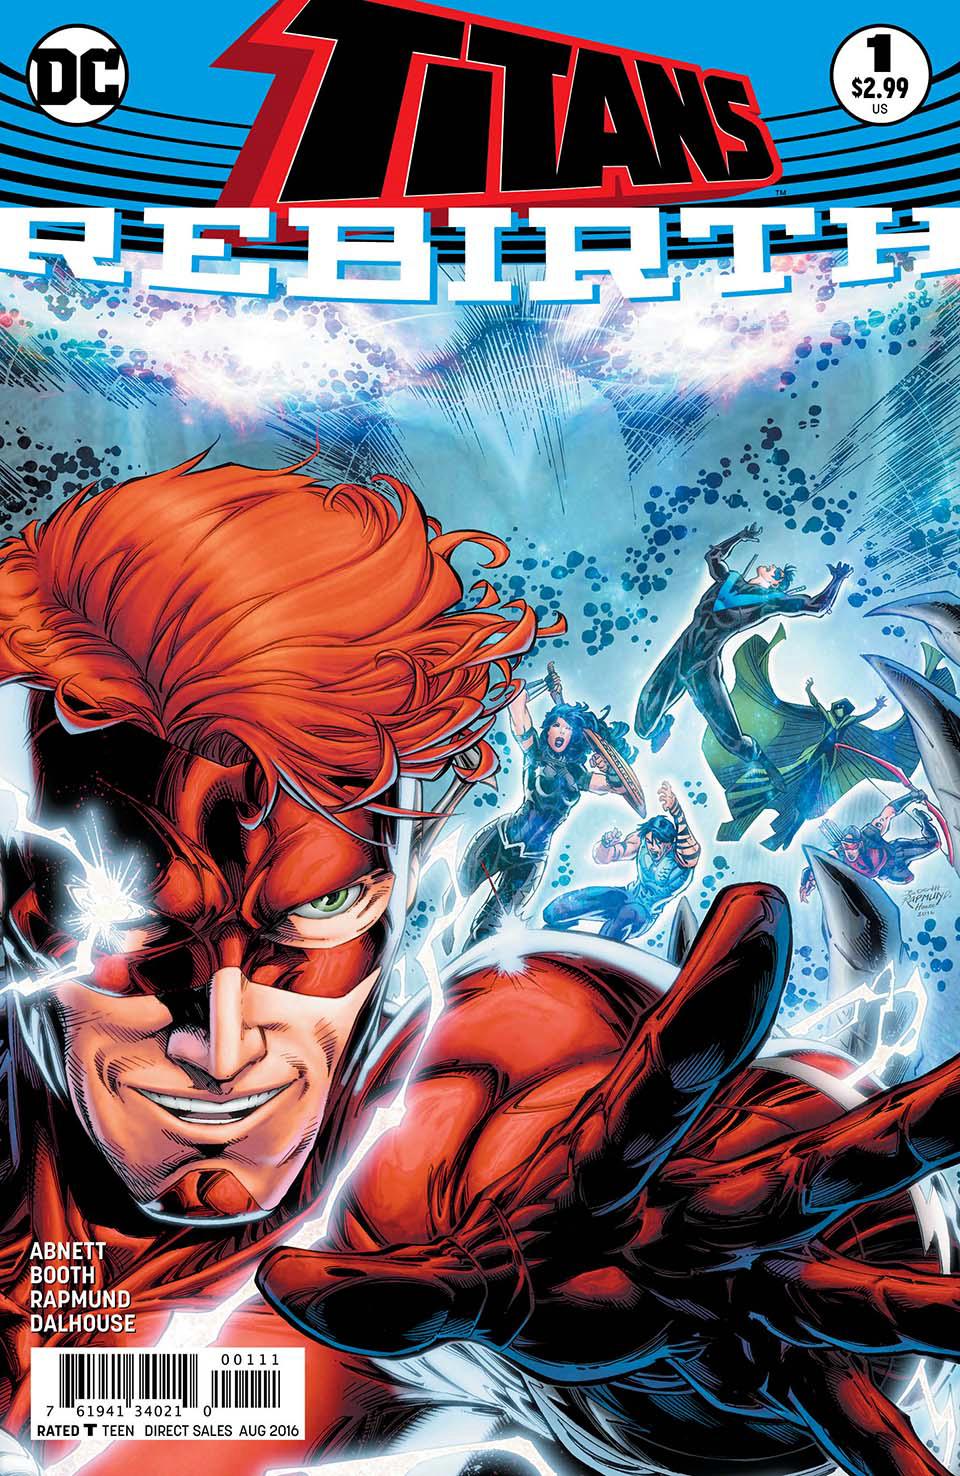 [DC Comics] Teen Titans: Discusión General - Página 8 STL007339